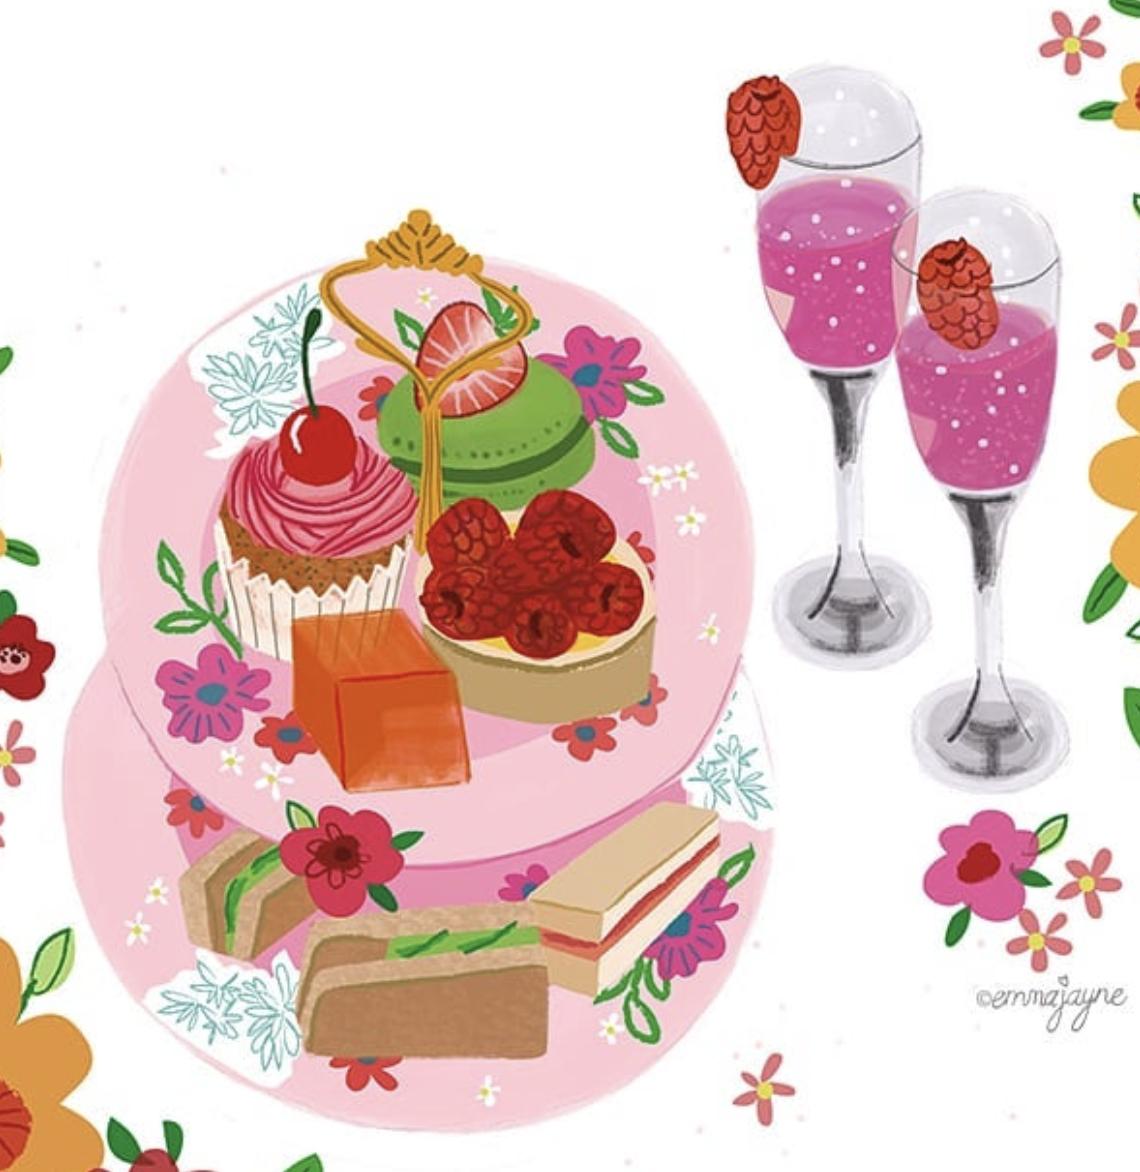 Emma Jayne Illustrator & pattern designer